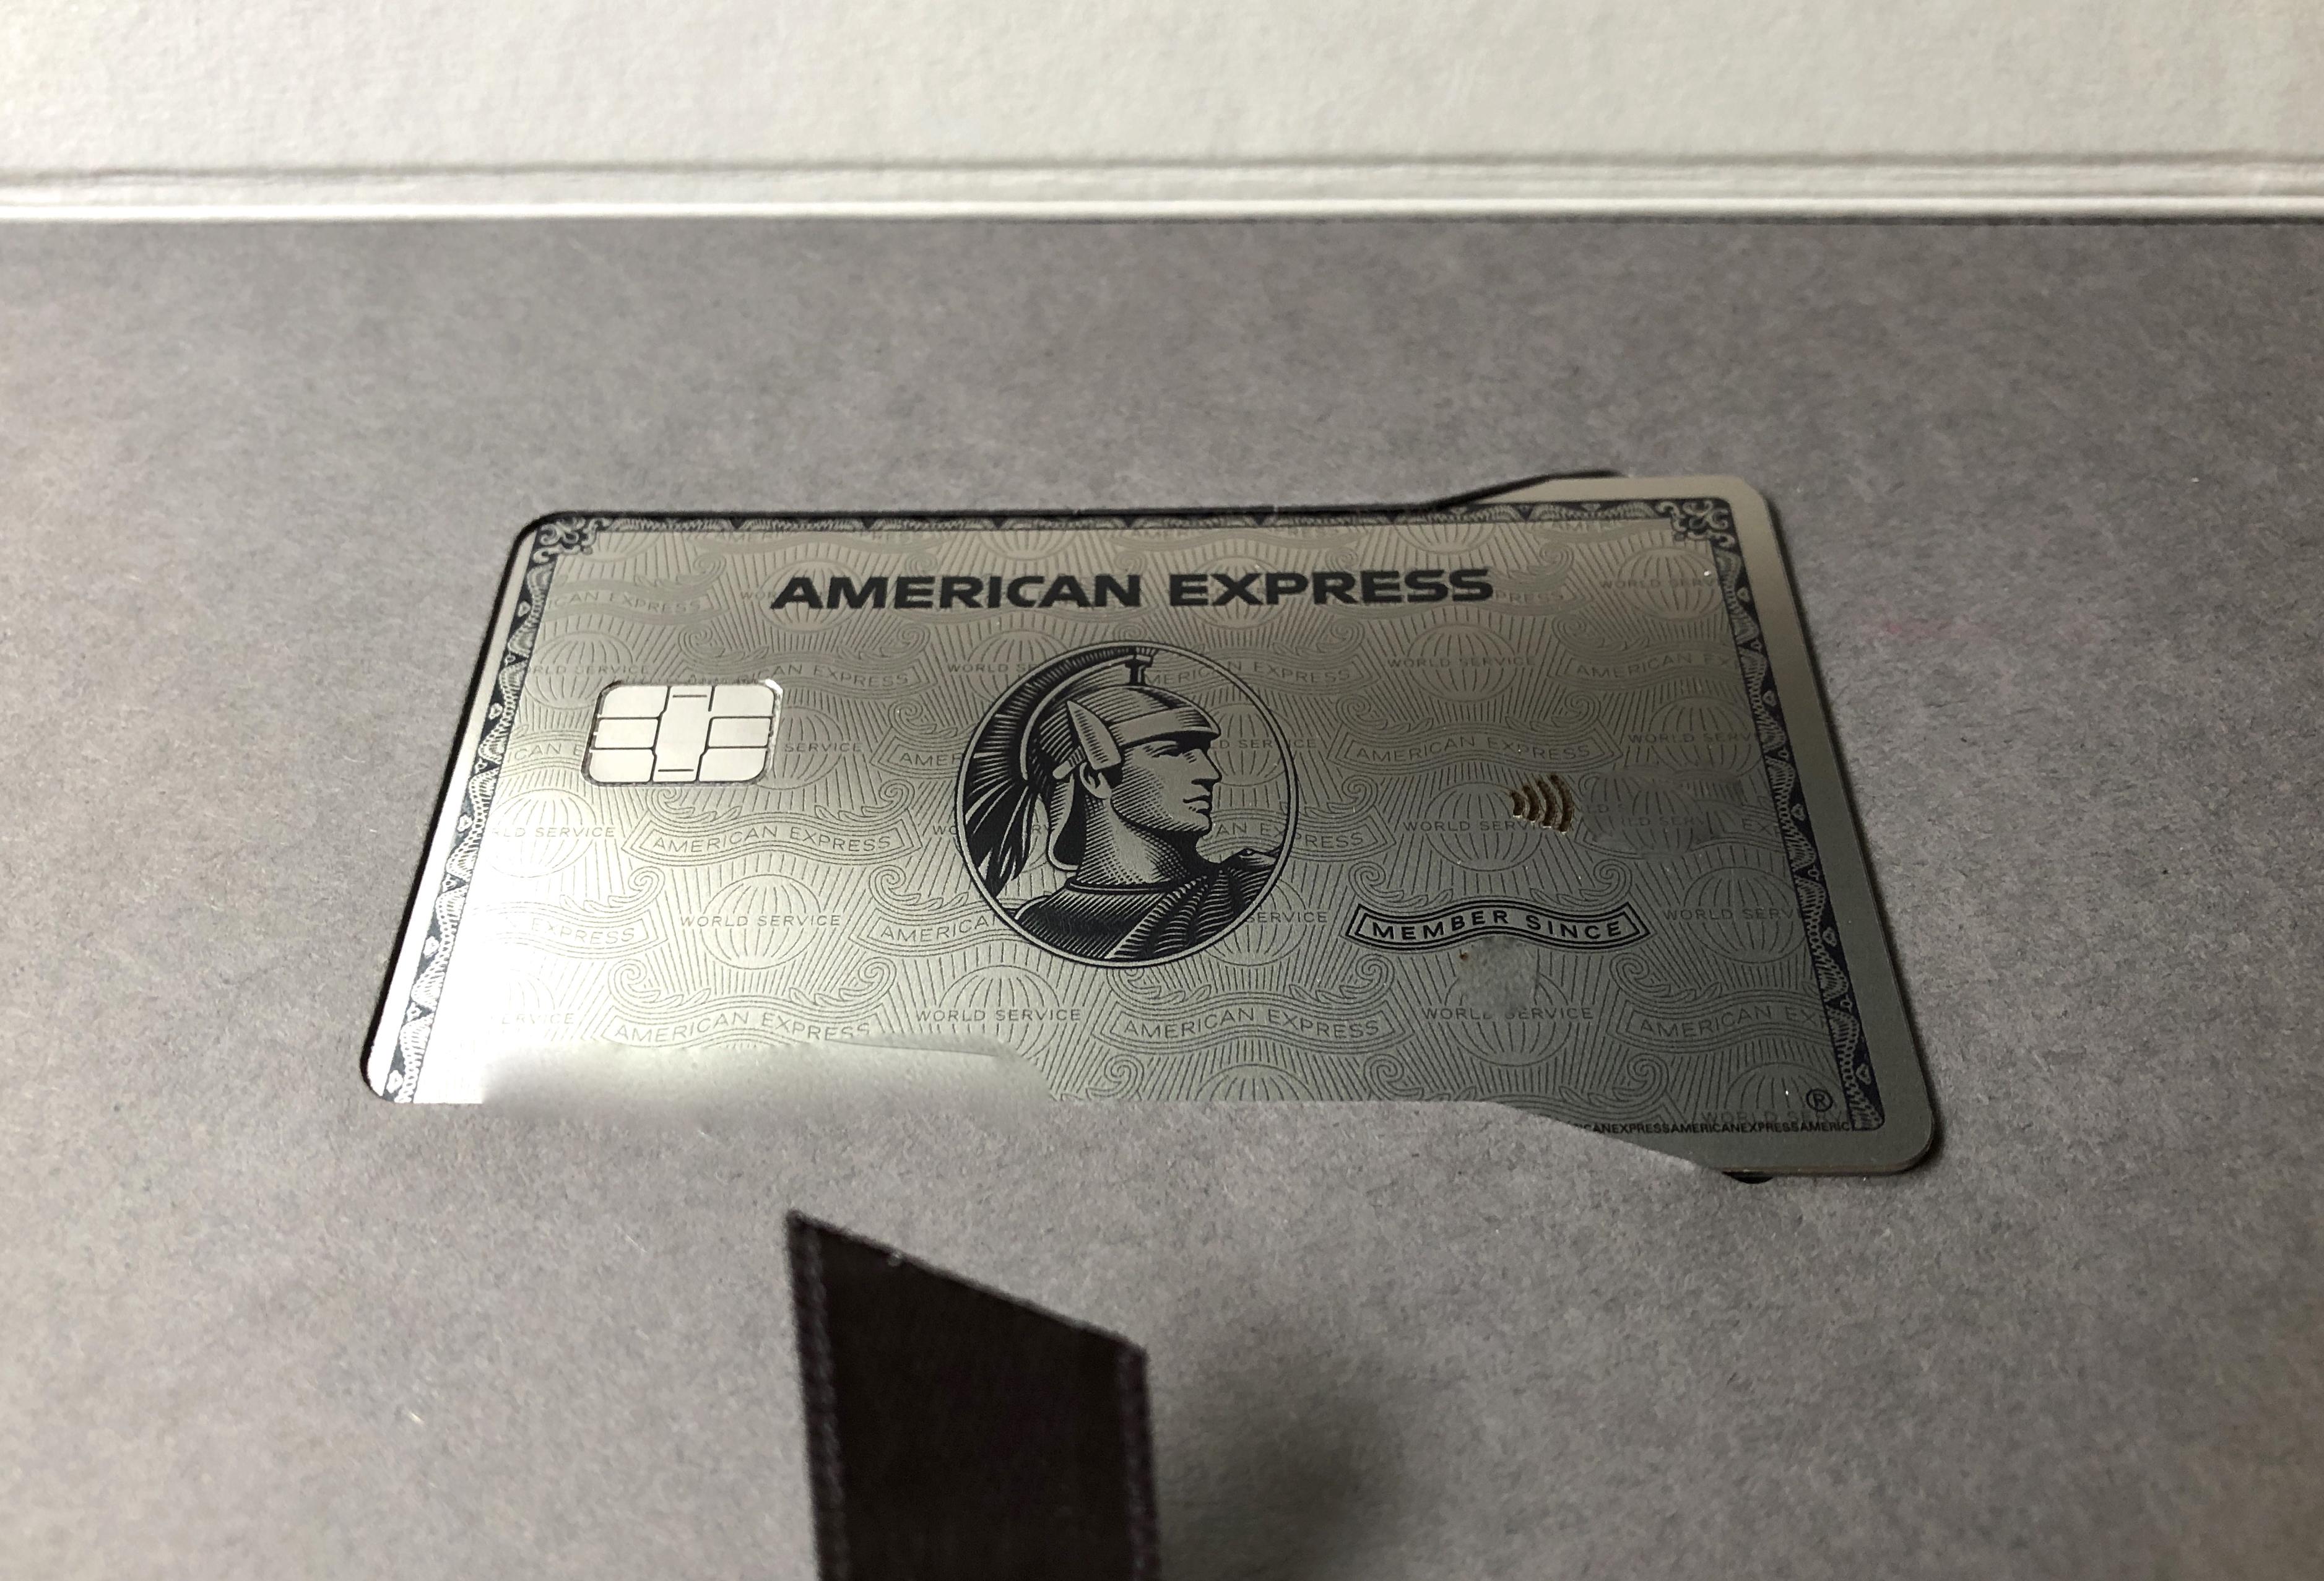 Amex Platinum mit 75.000 Punkten Bonus beantragen!